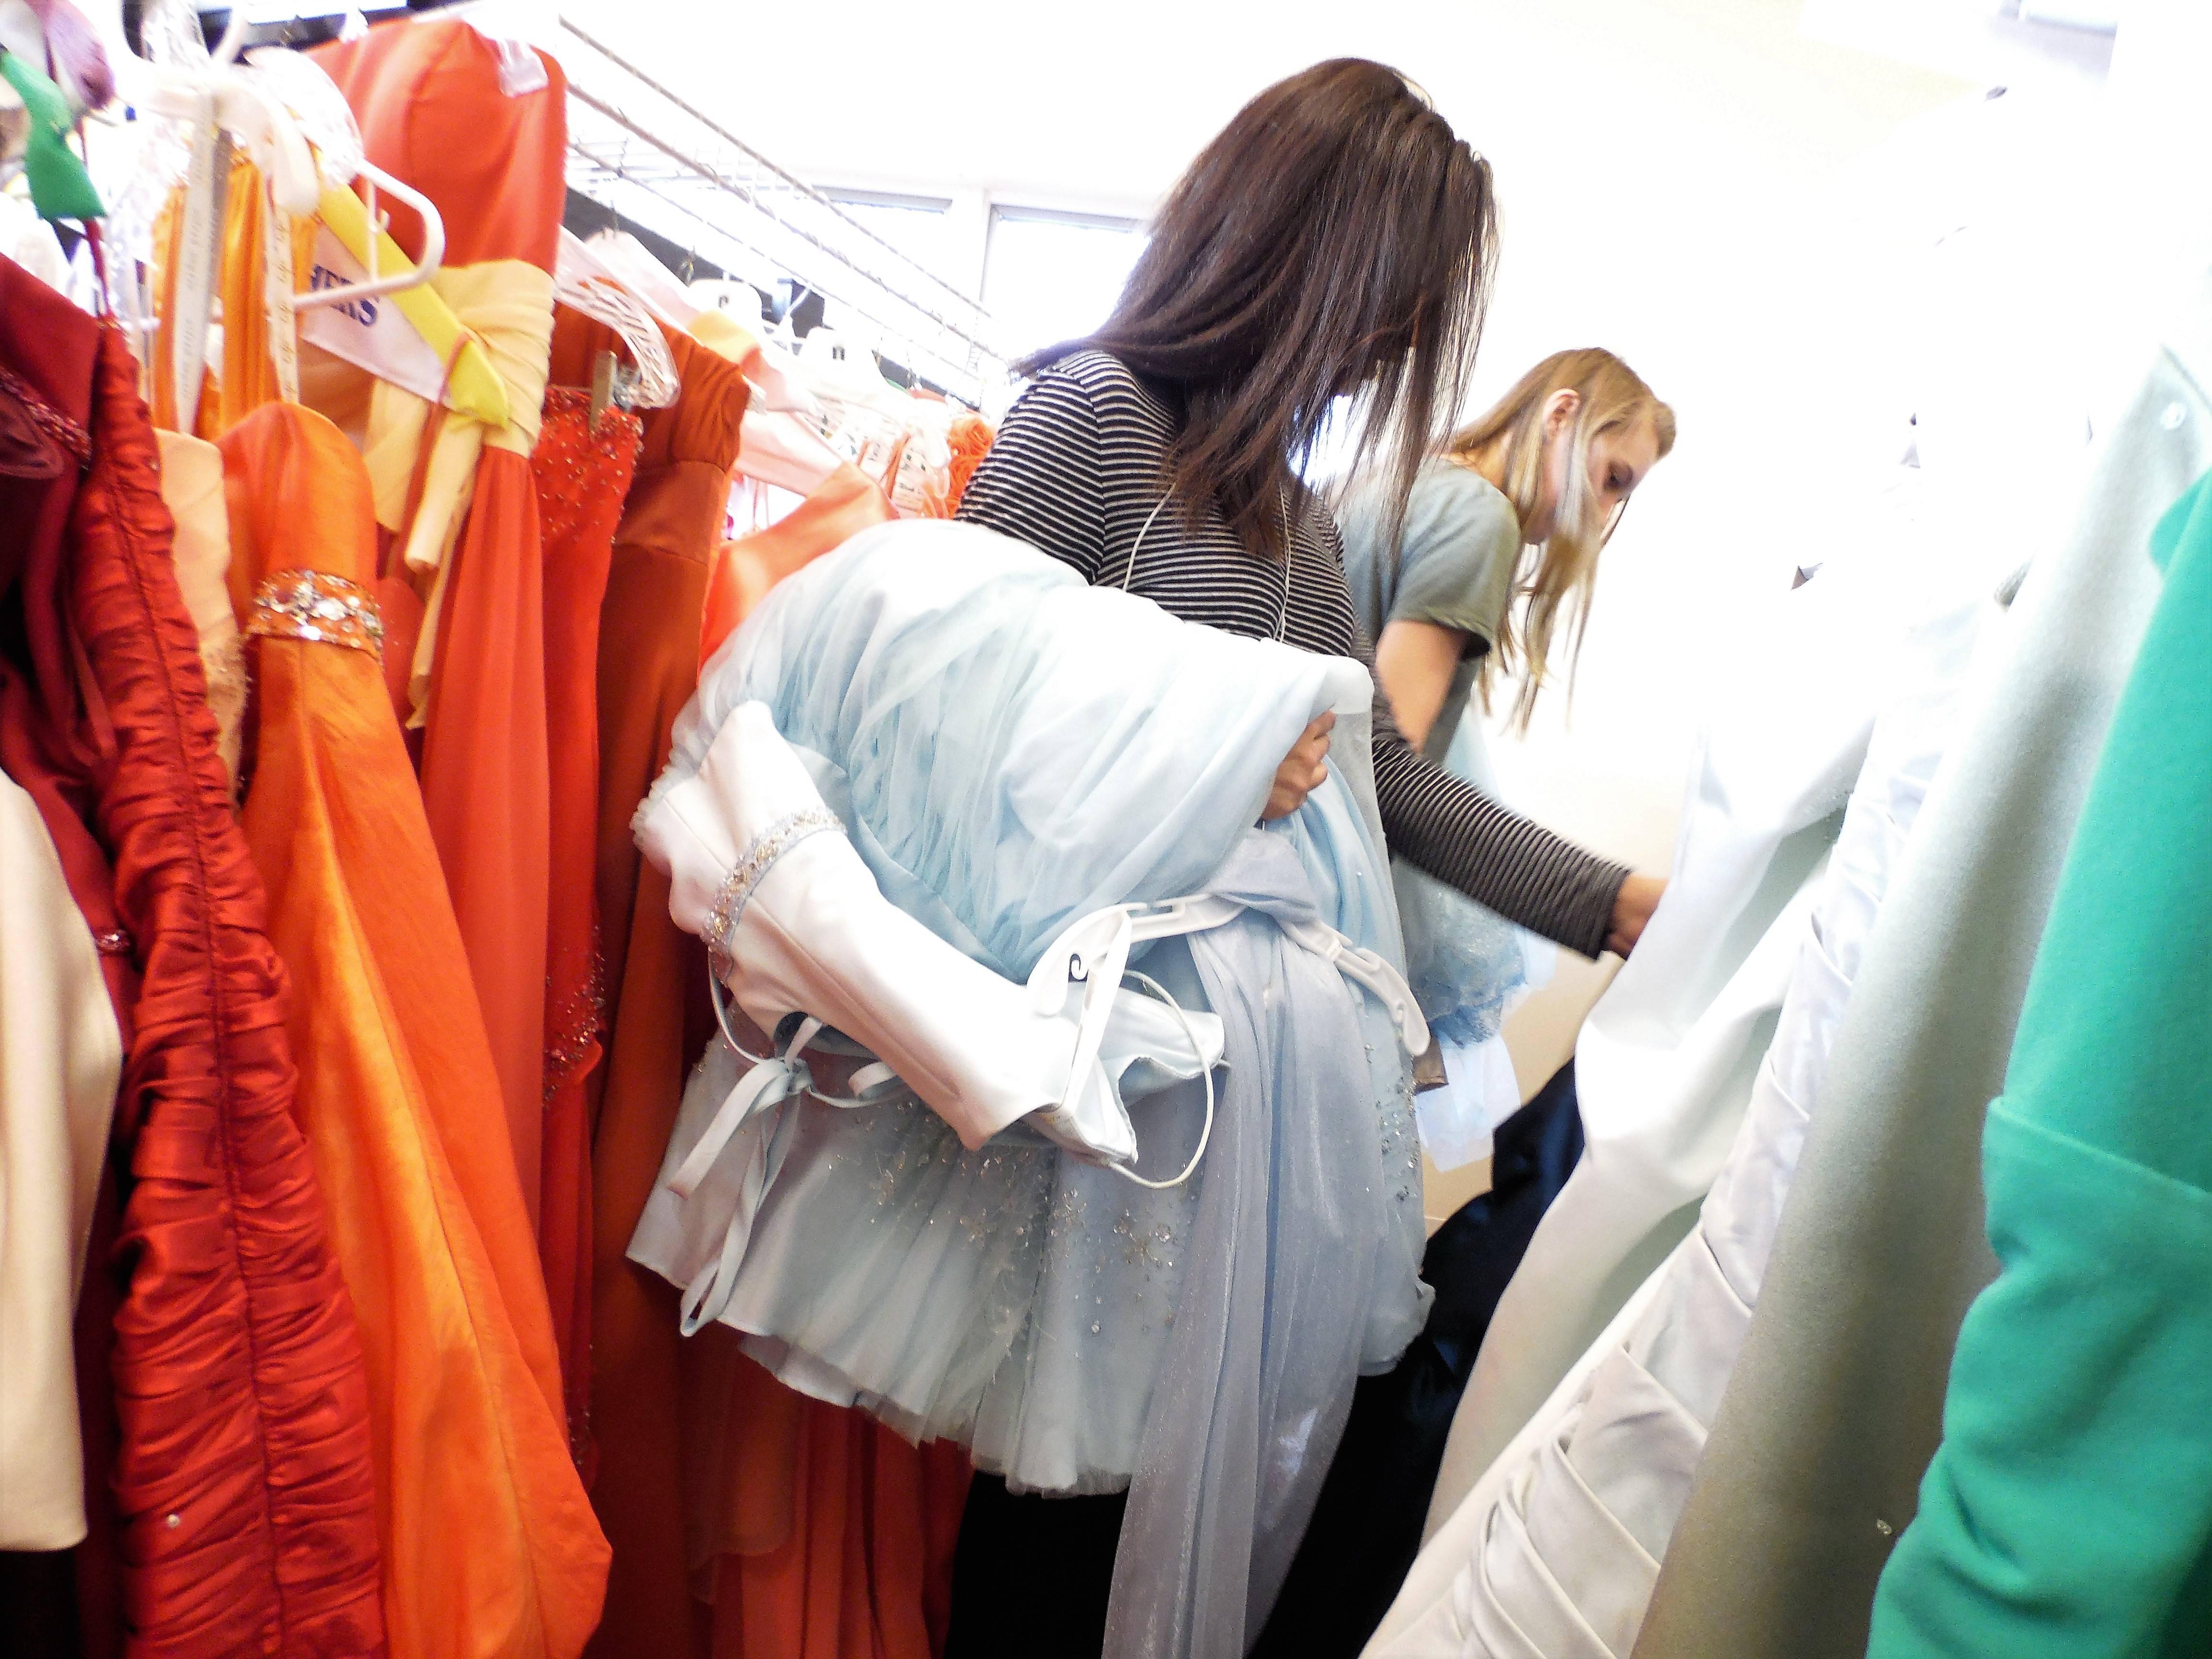 368e42e242c4b7048986_girls_with_dresses.JPG